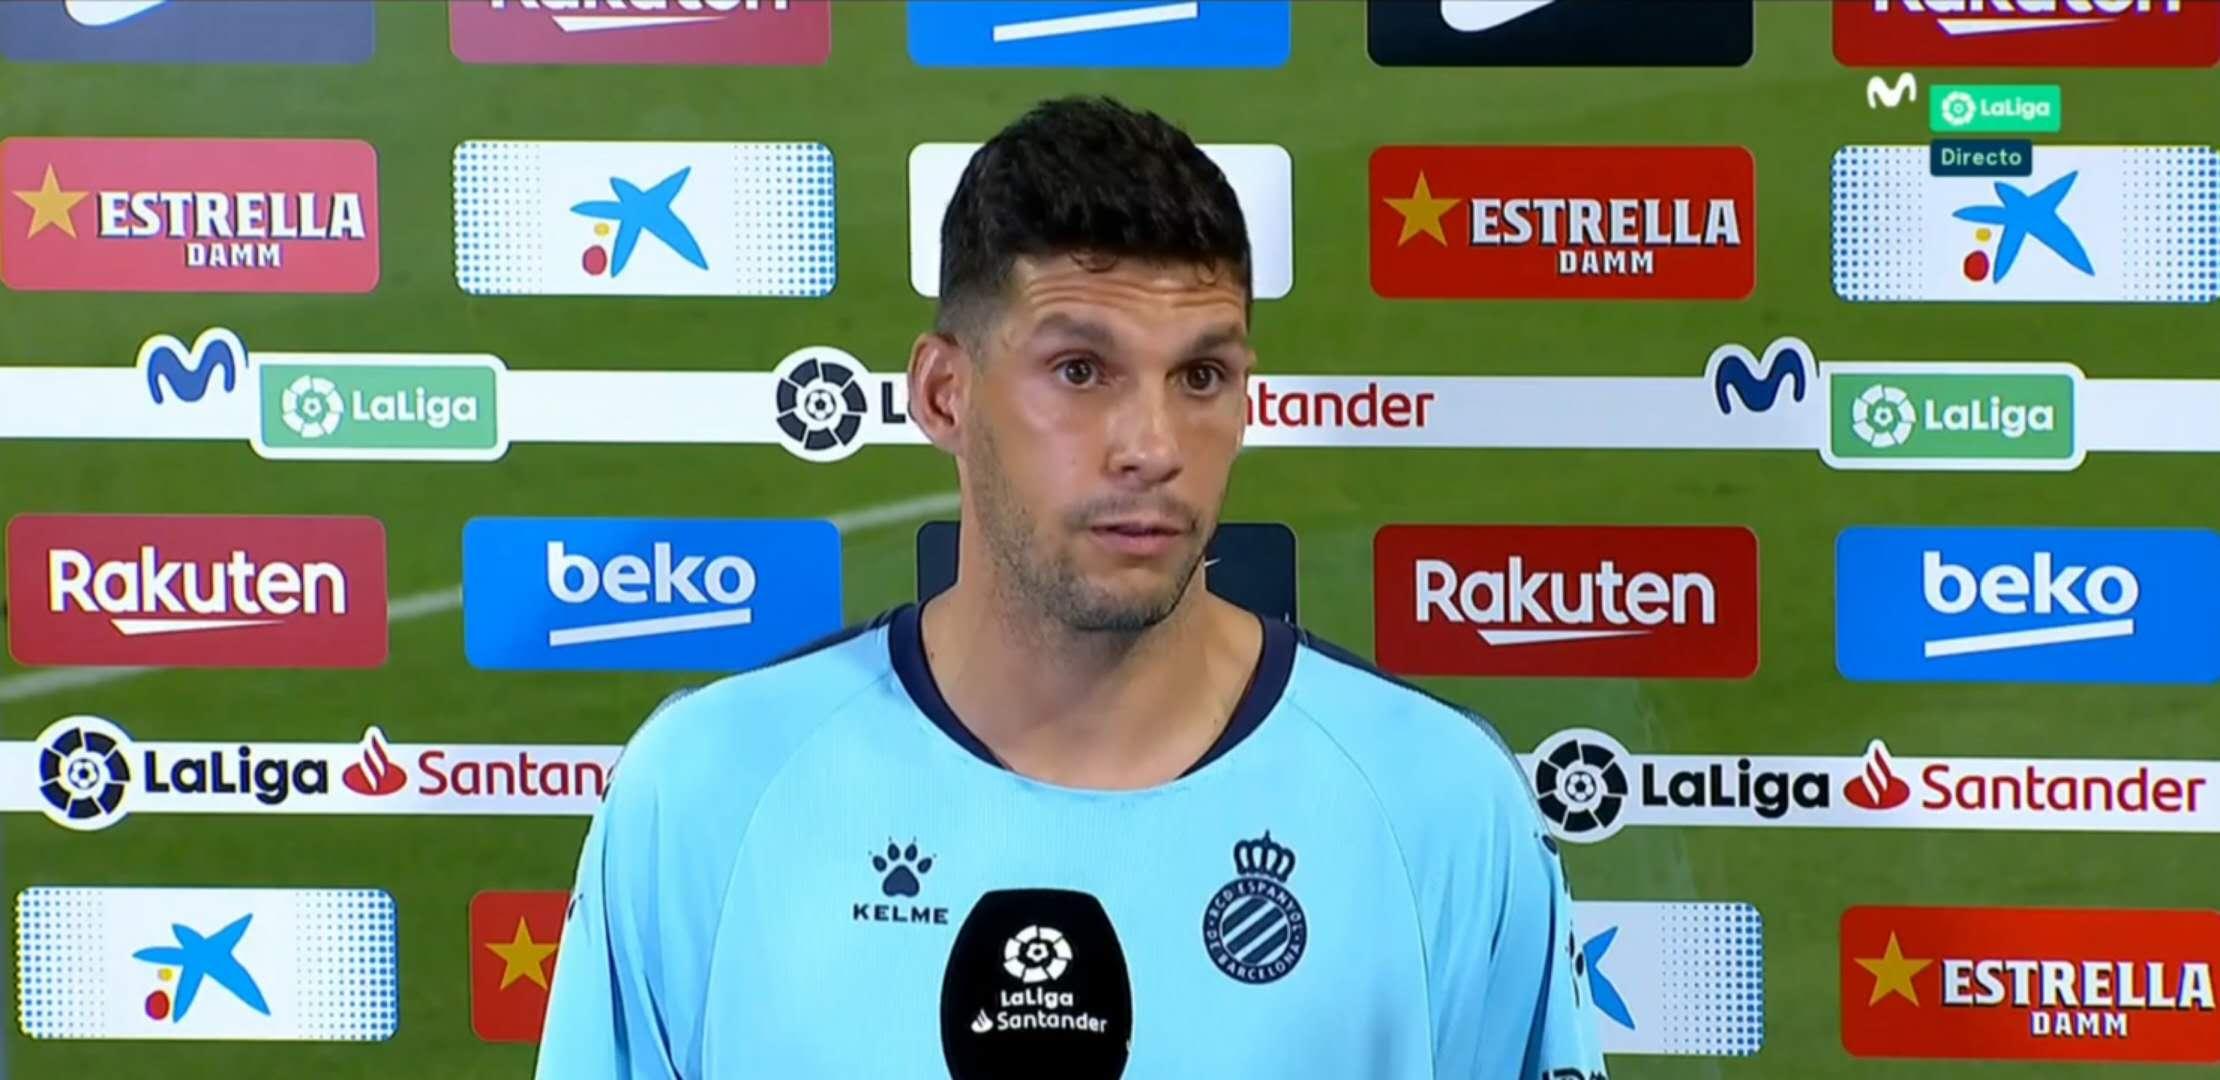 西班牙人队长:为我的队友自豪;向球迷们抱歉